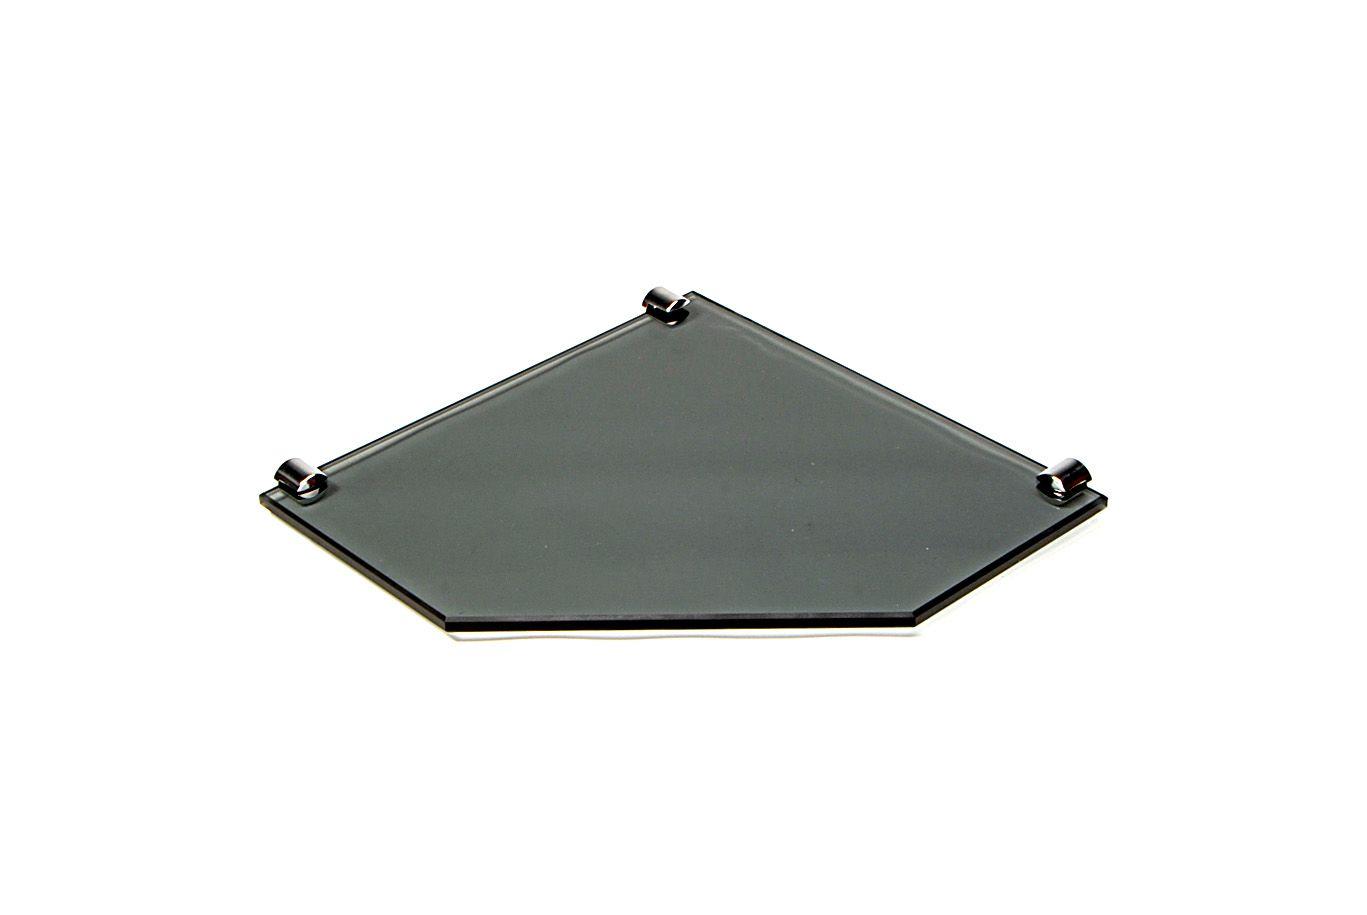 Porta Shampoo de Canto Reto em Vidro Fumê Lapidado - Aquabox  - 25cmx25cmx10mm